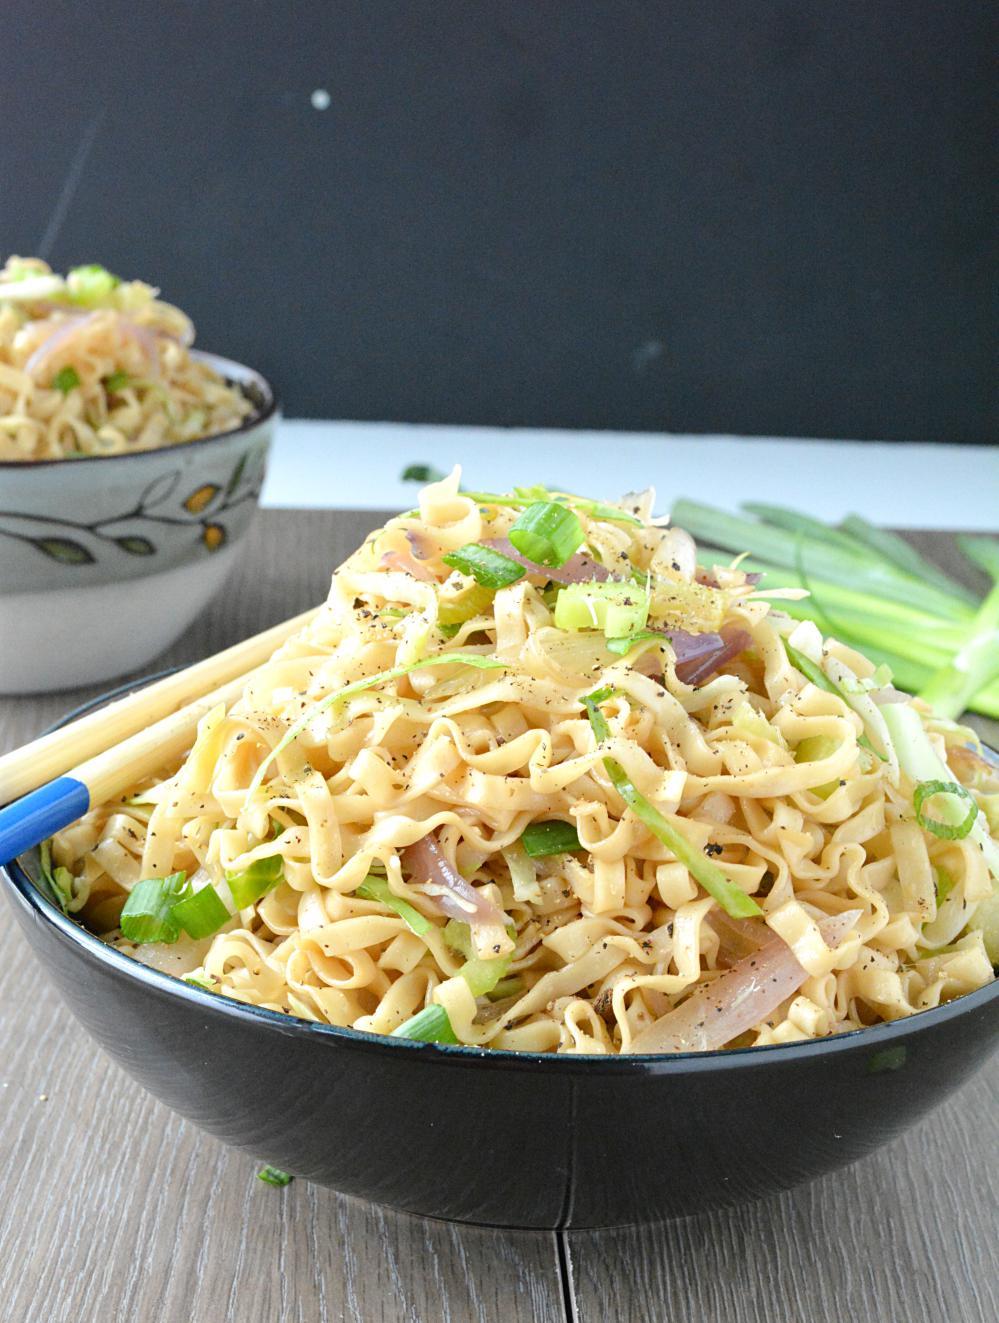 panda-noodles-recipes-2